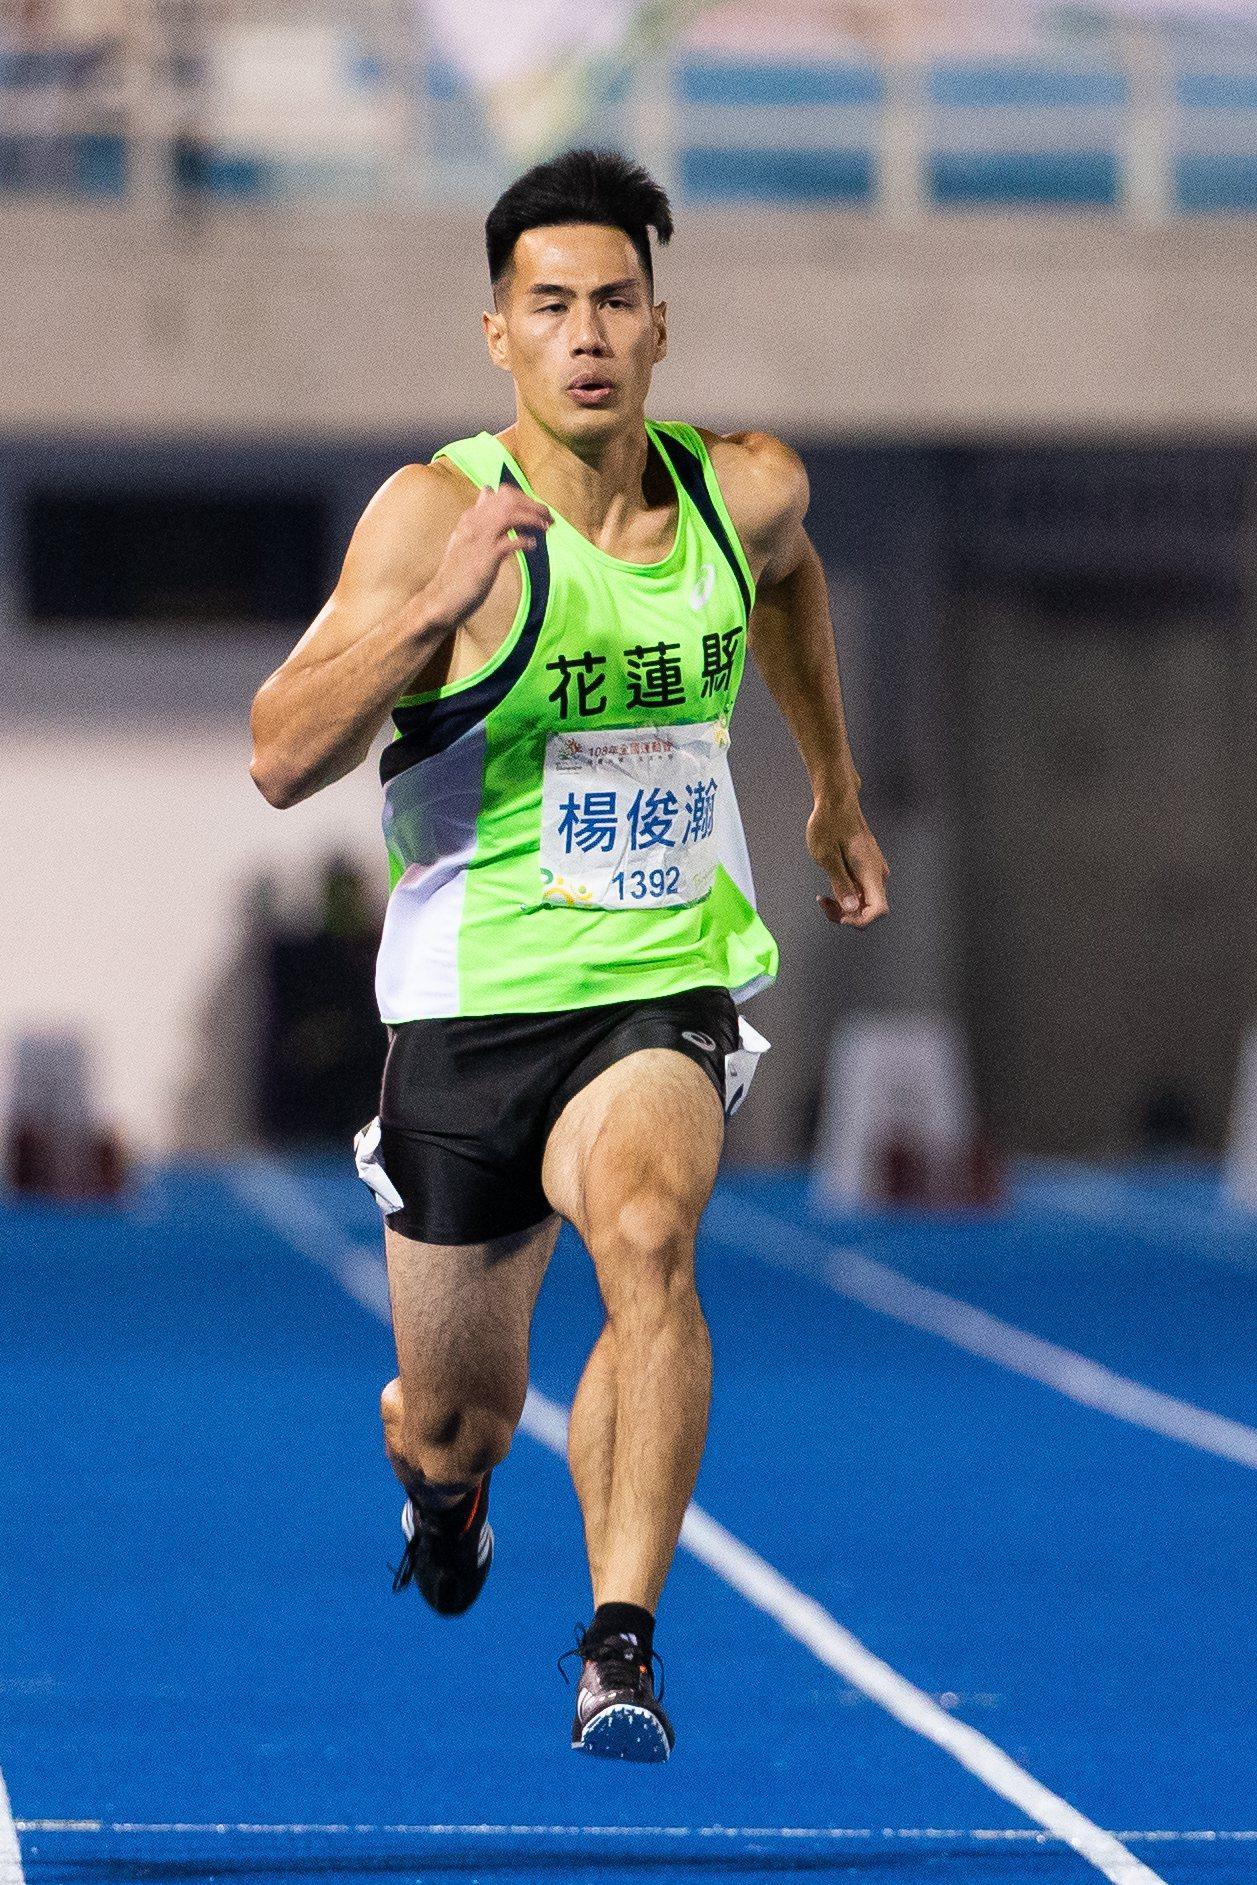 楊俊瀚全運會男子100公尺決賽摘金。記者季相儒/攝影